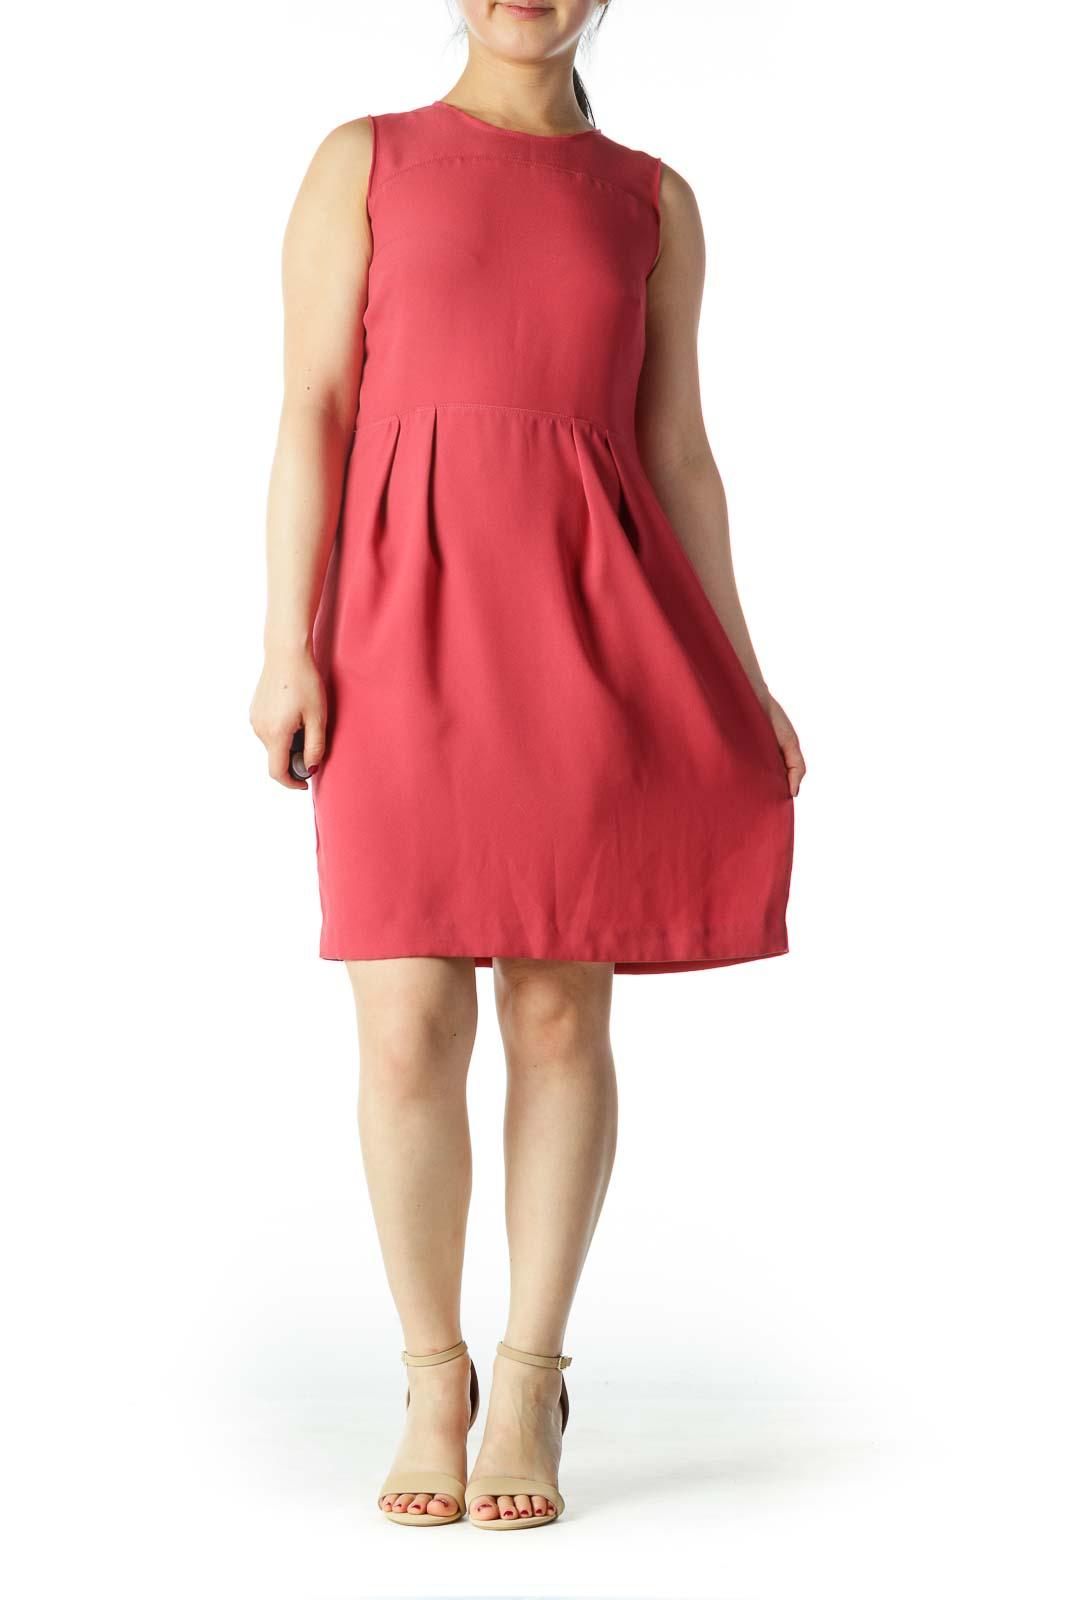 Pink A-Line Sleeveless Dress